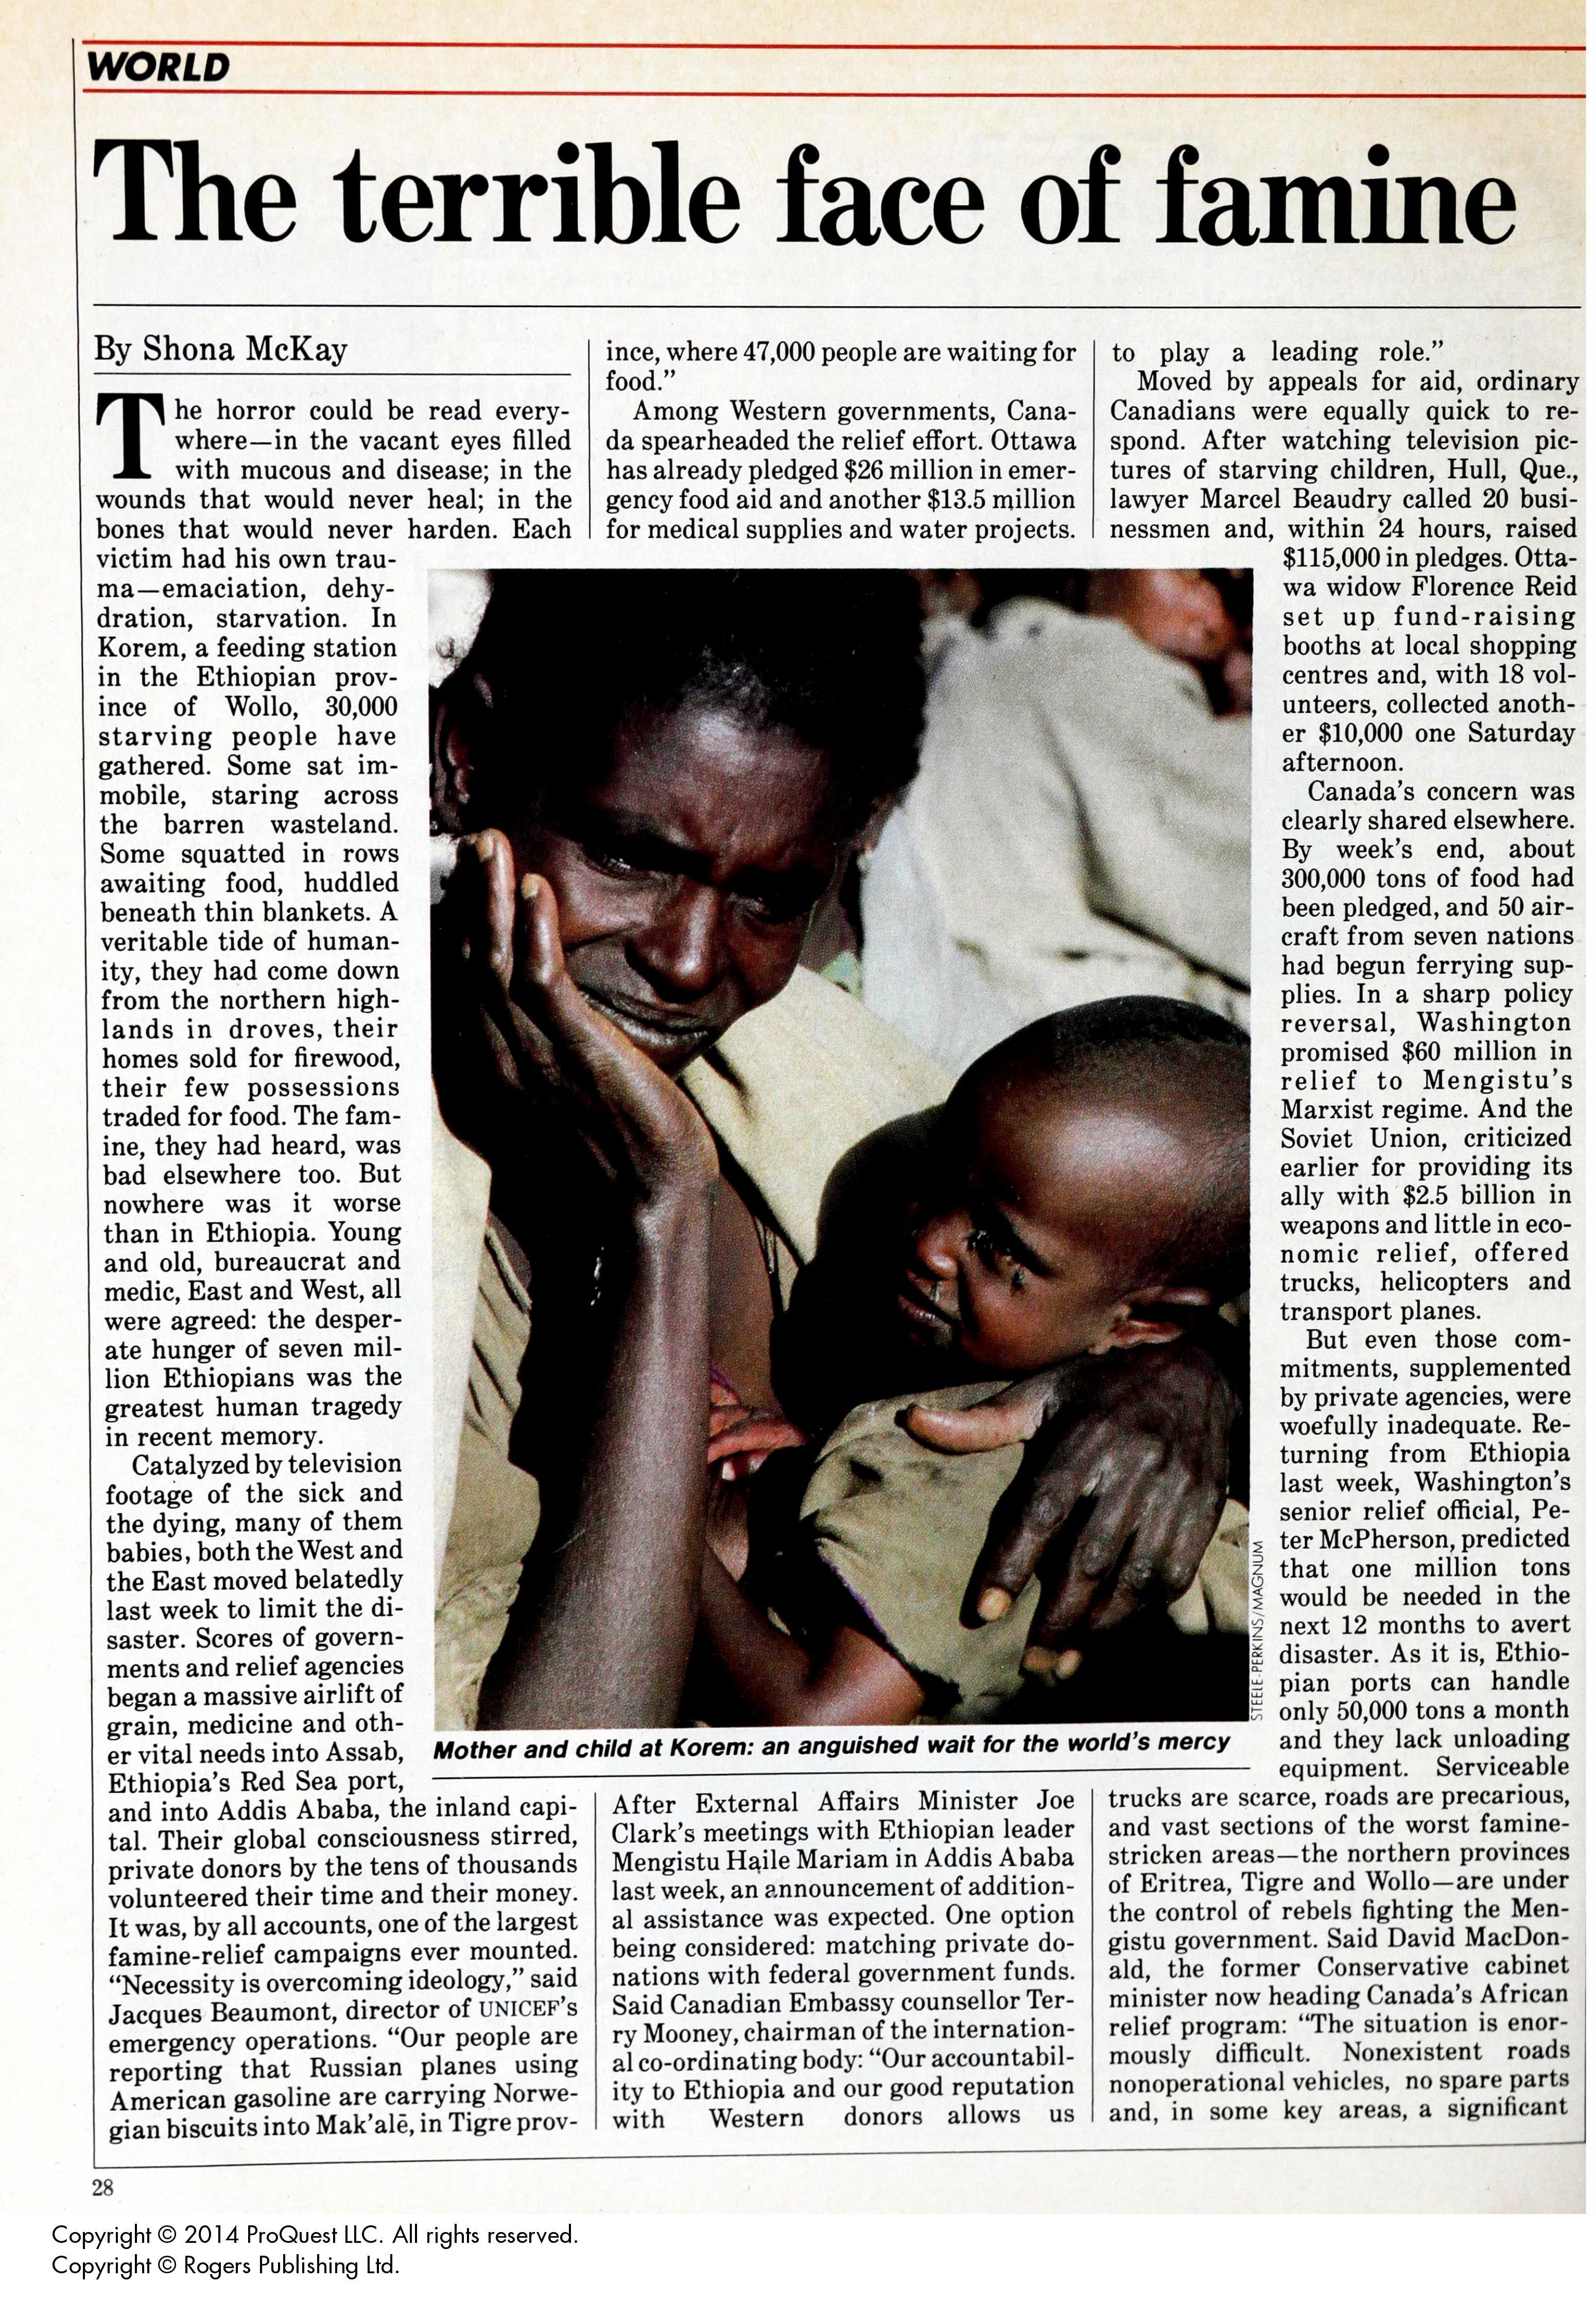 Essay On Famine